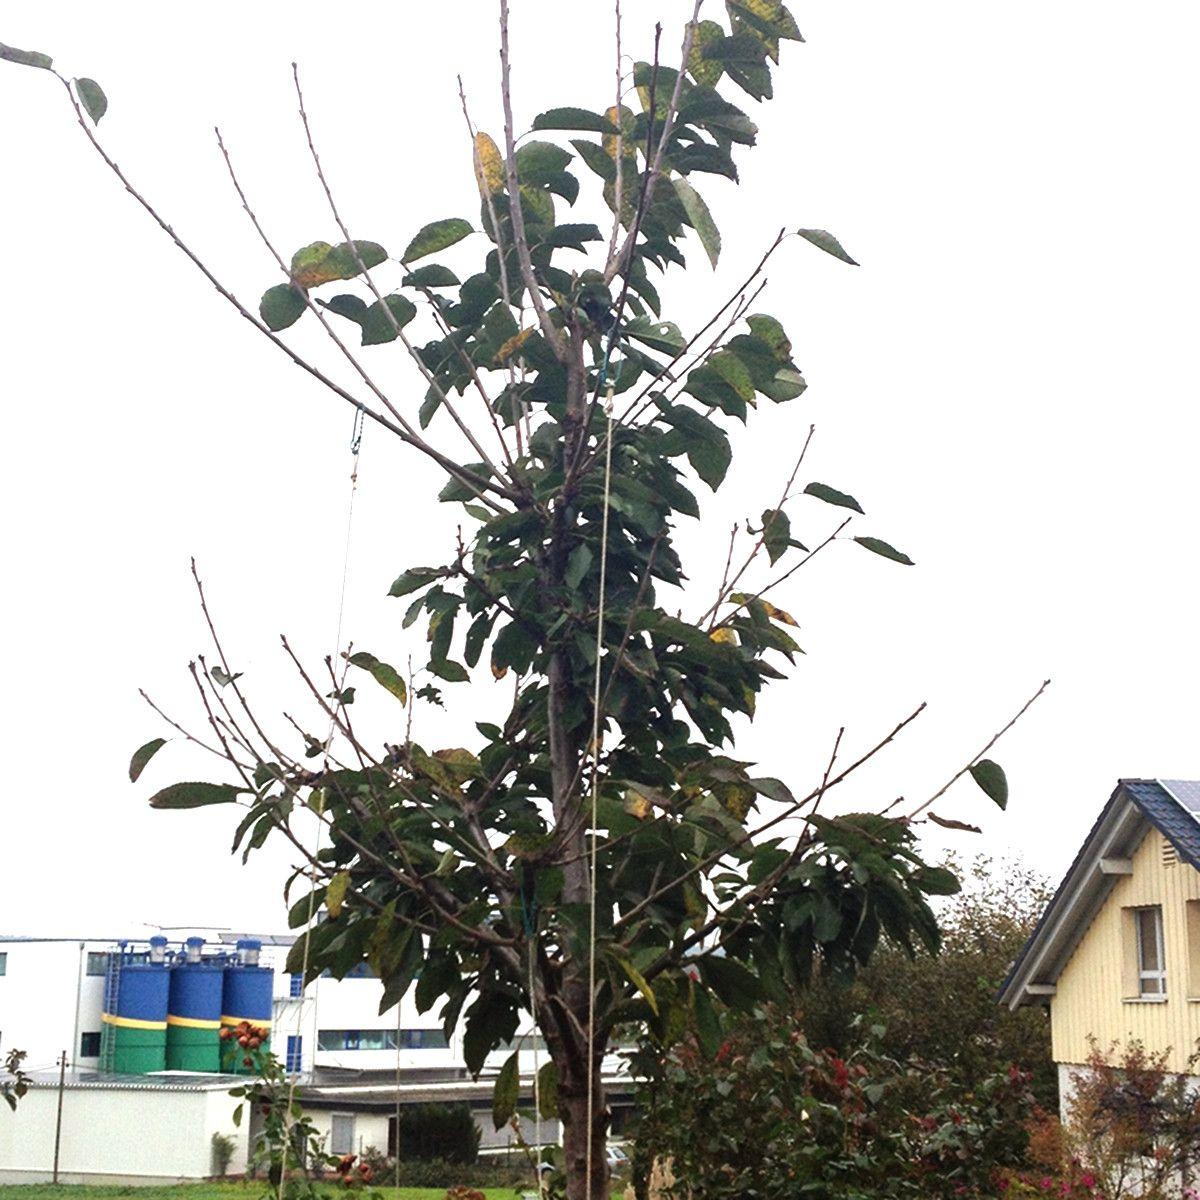 Hervorragend Fehler bei Baumschnitt an junger Kirsche - Baumpflegeportal DI42